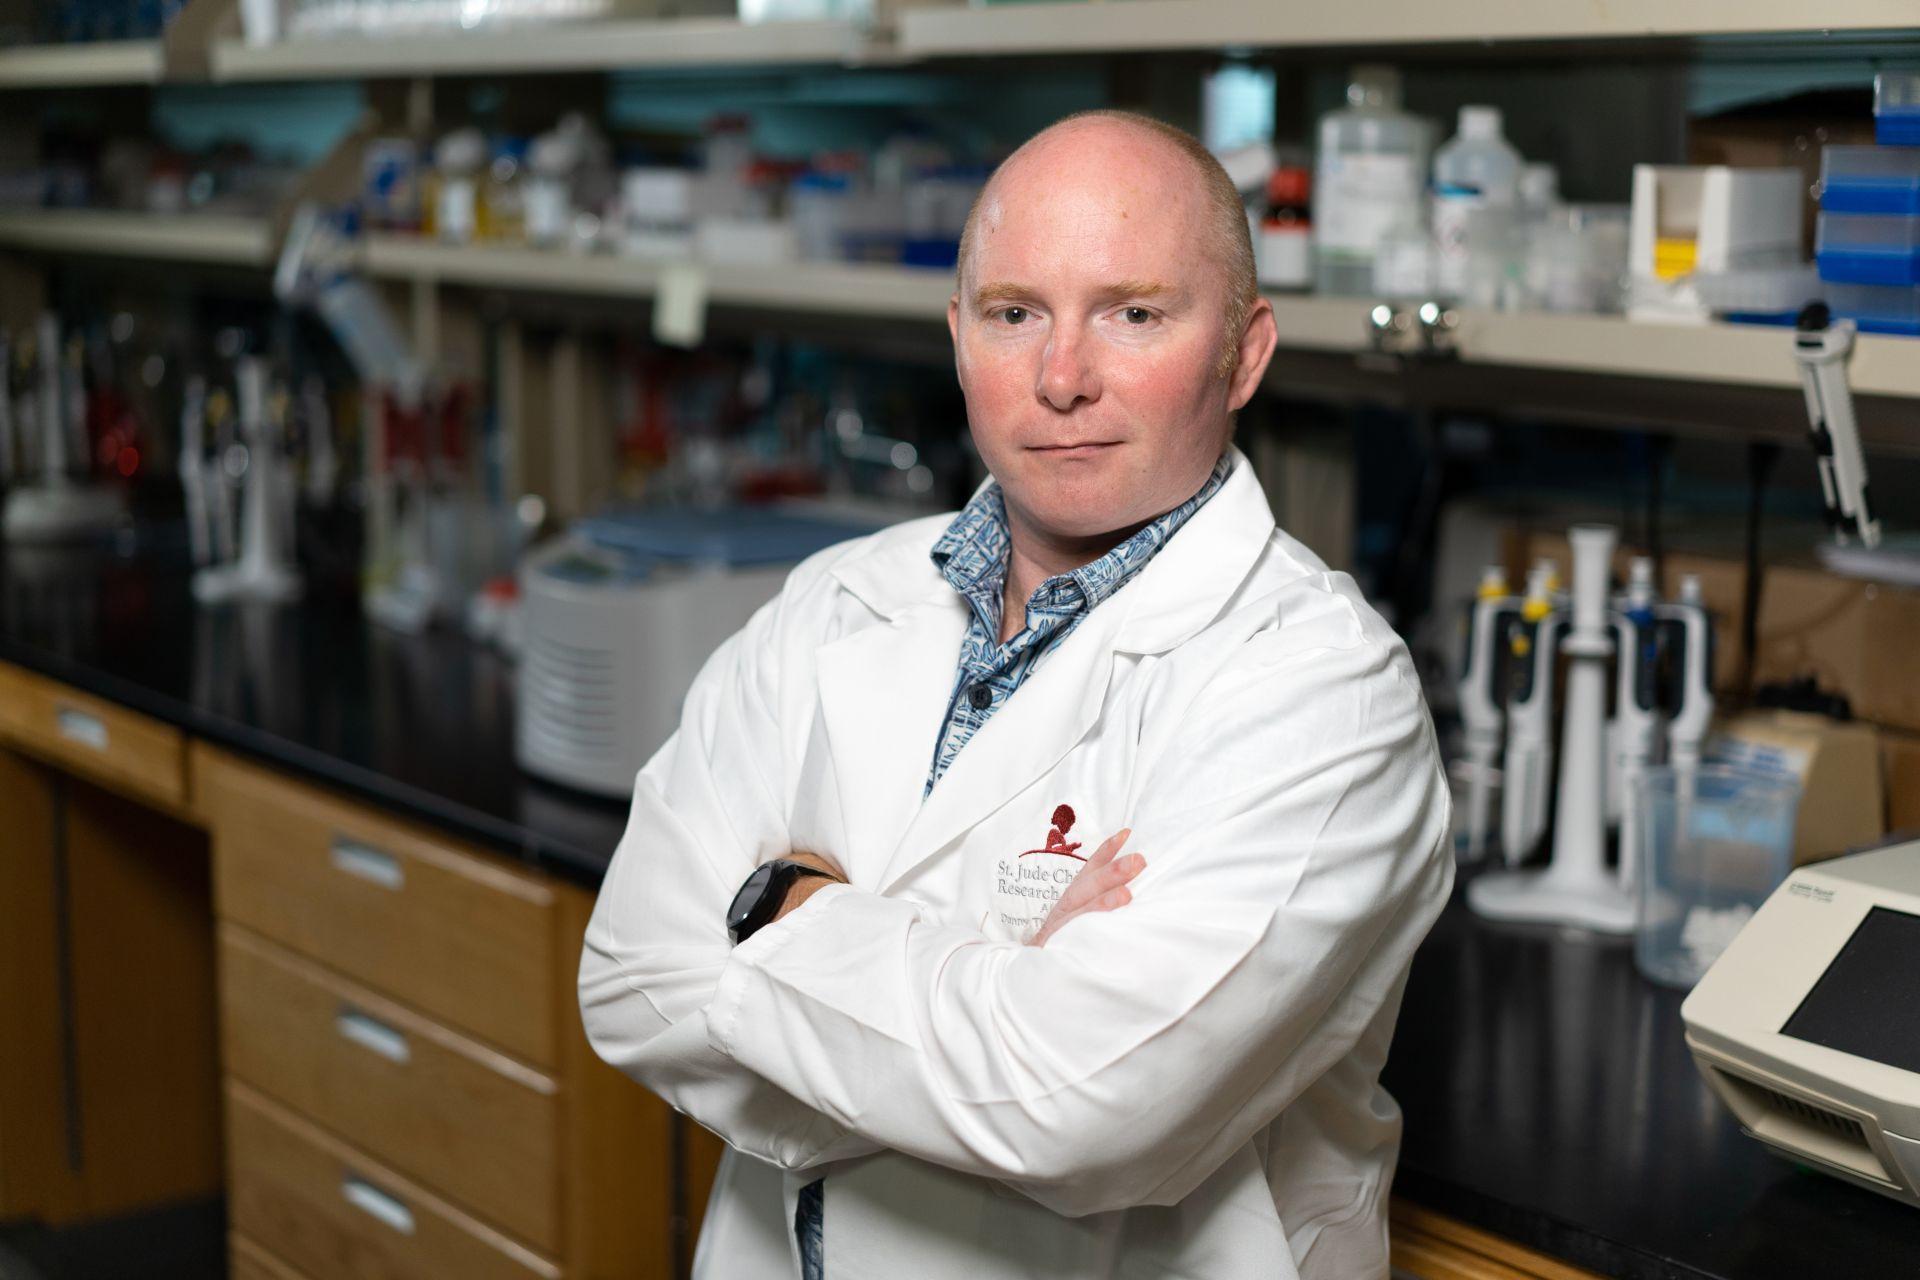 Michael Walsh, PhD